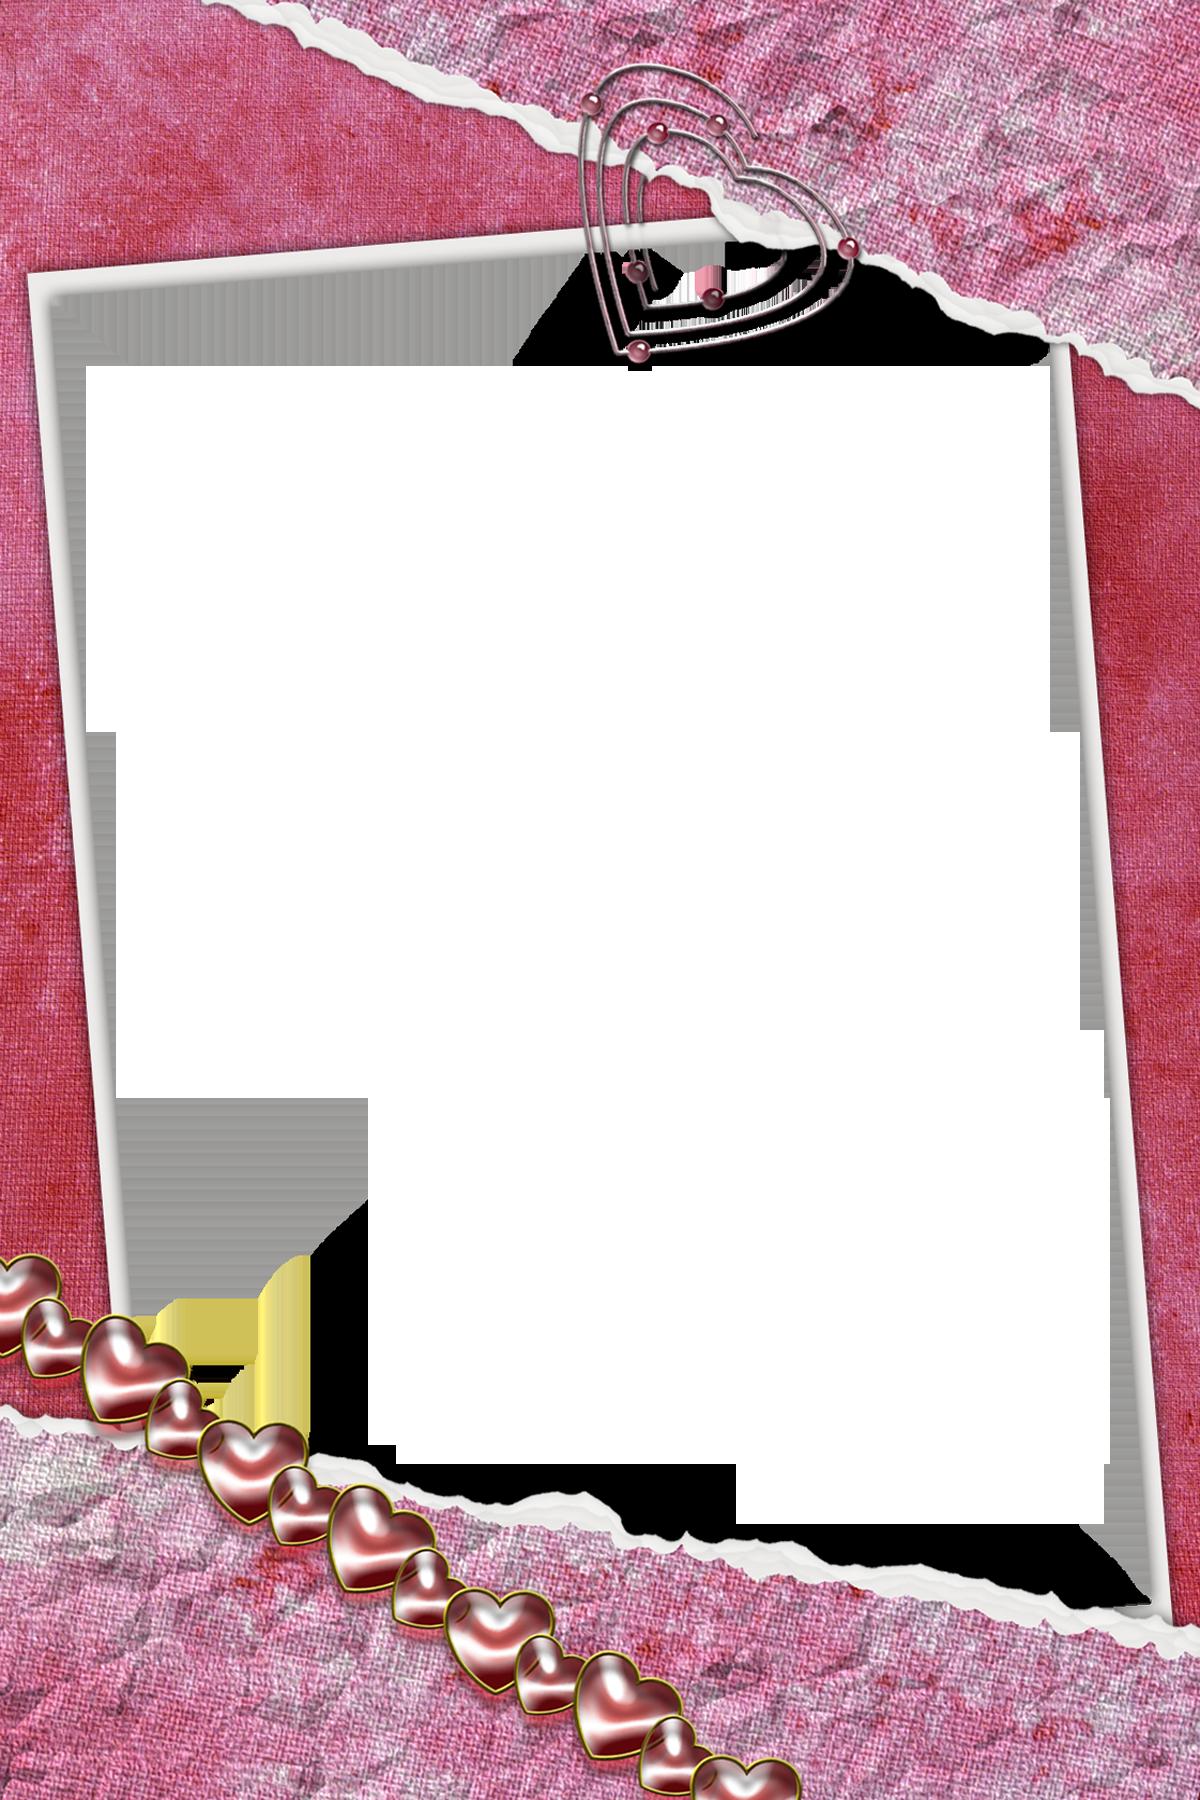 """Оригинал - Схема вышивки  """"Рамка для влюбленных """" - Схемы автора  """"lisenok_olenenok """" - Вышивка крестом."""